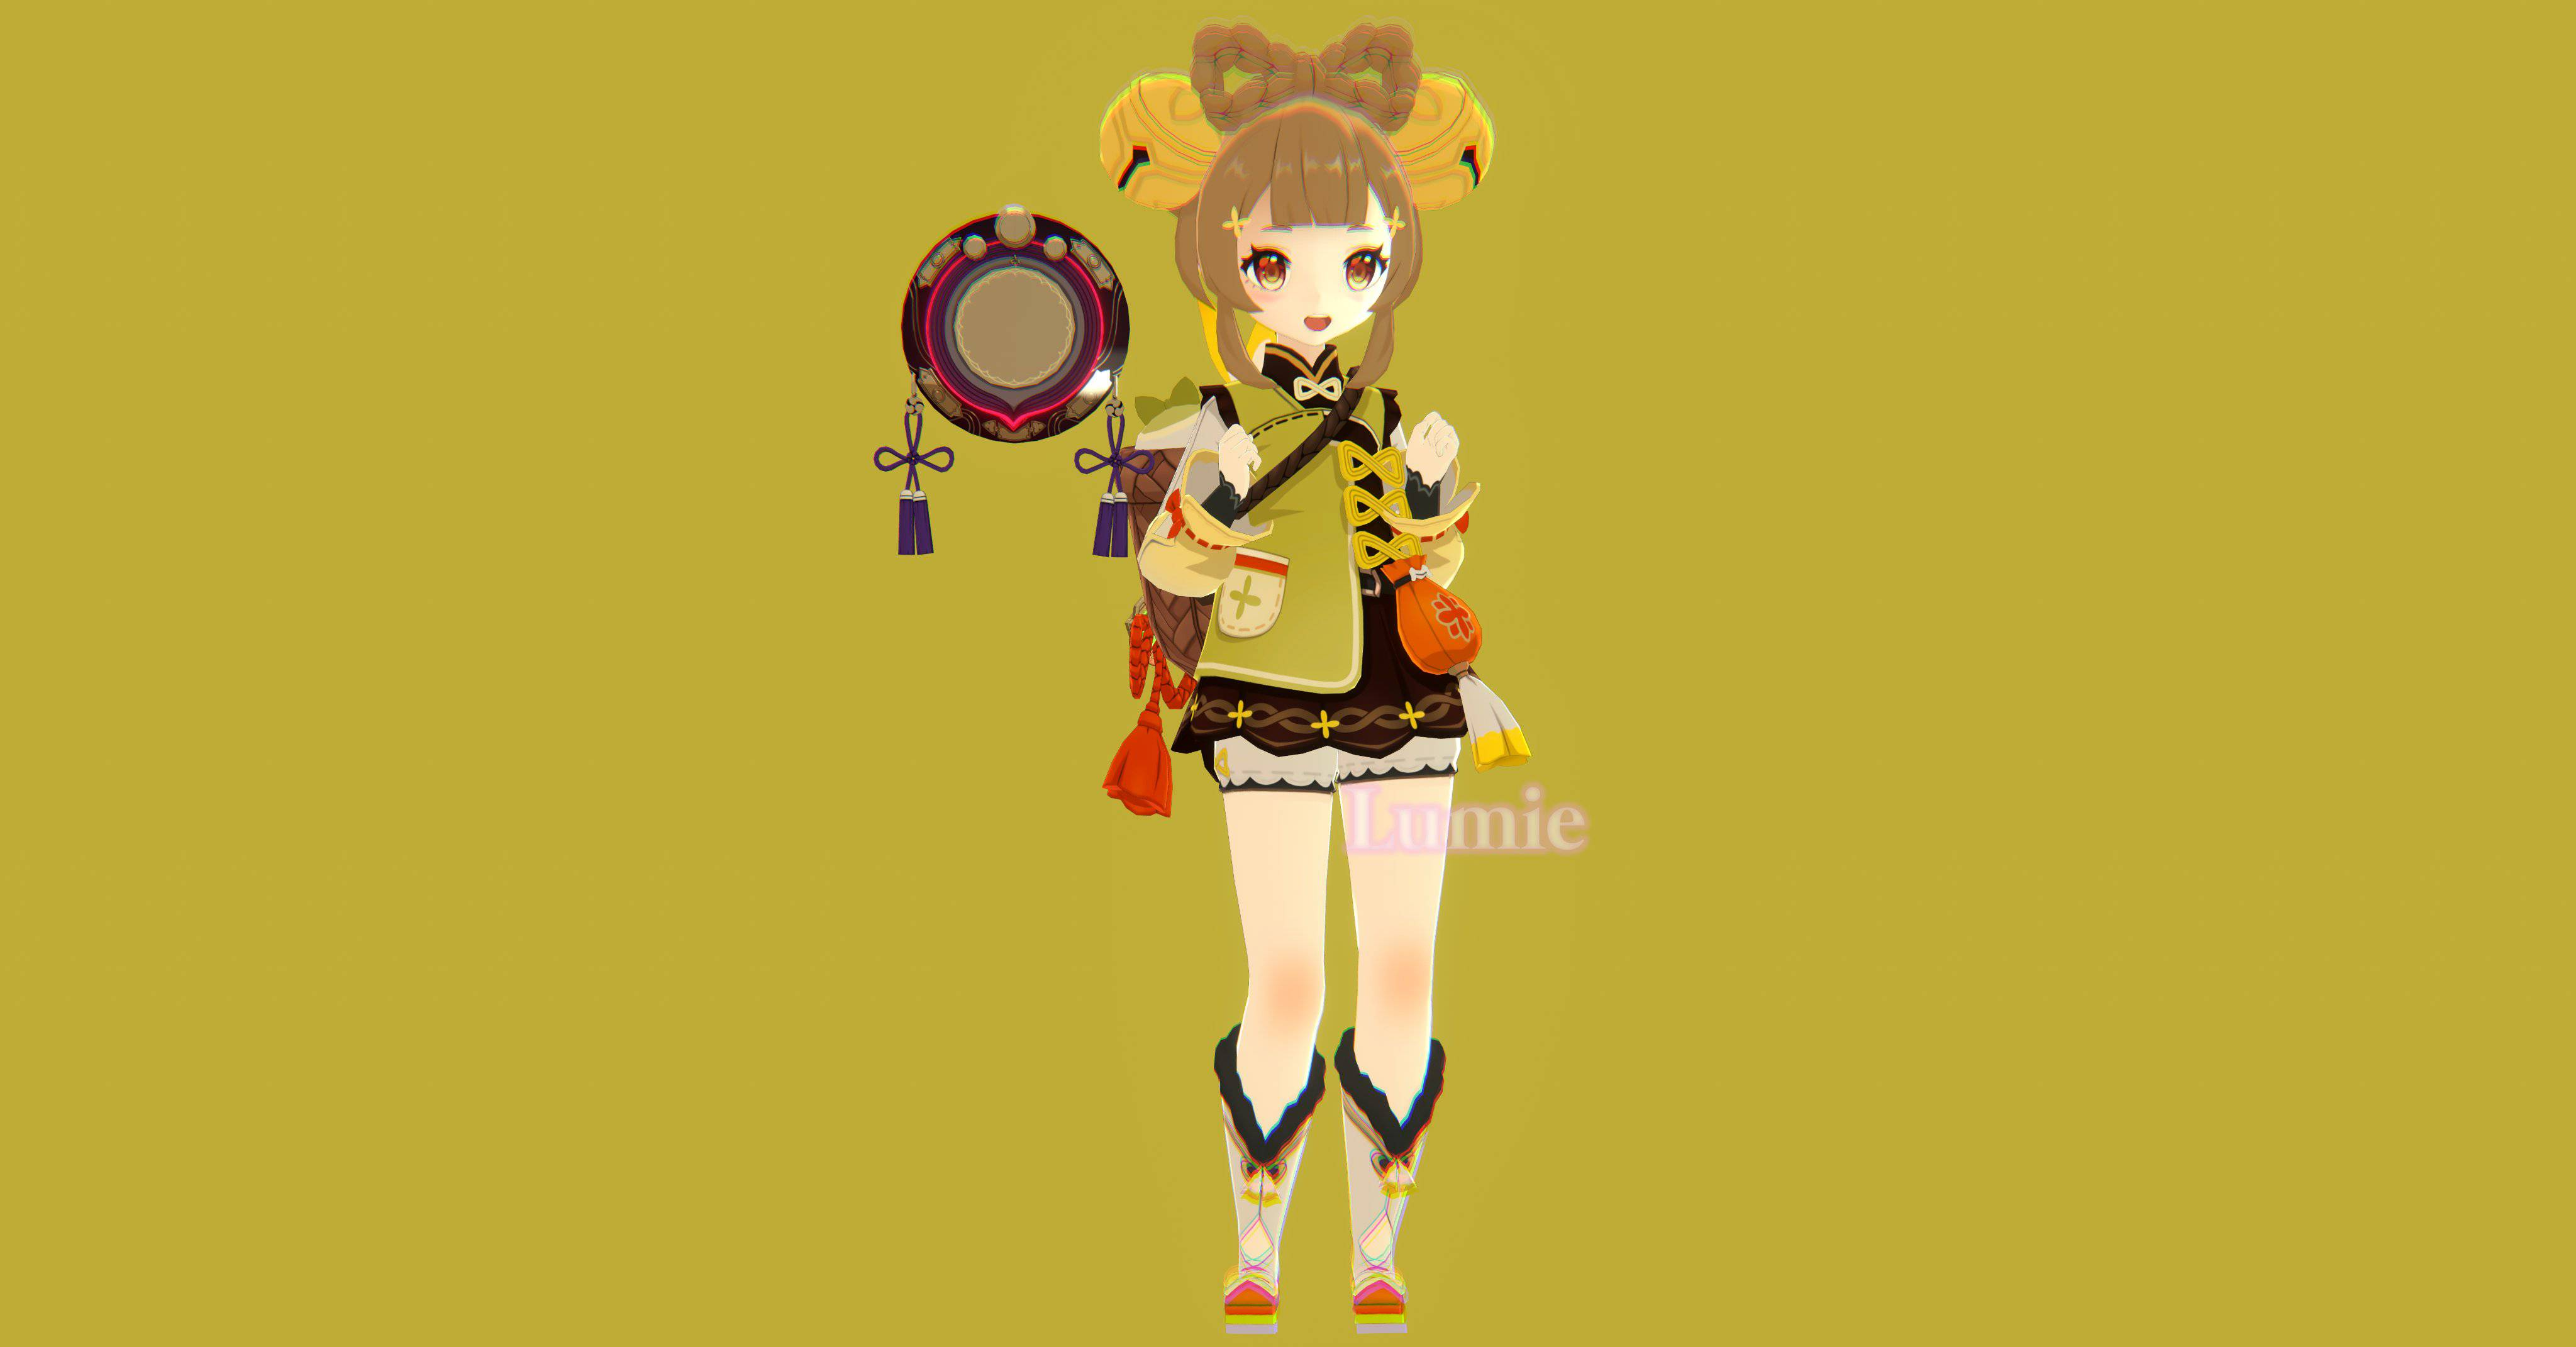 【原神】ヨォーヨちゃんの3Dモデルは可愛すぎるんだ・・